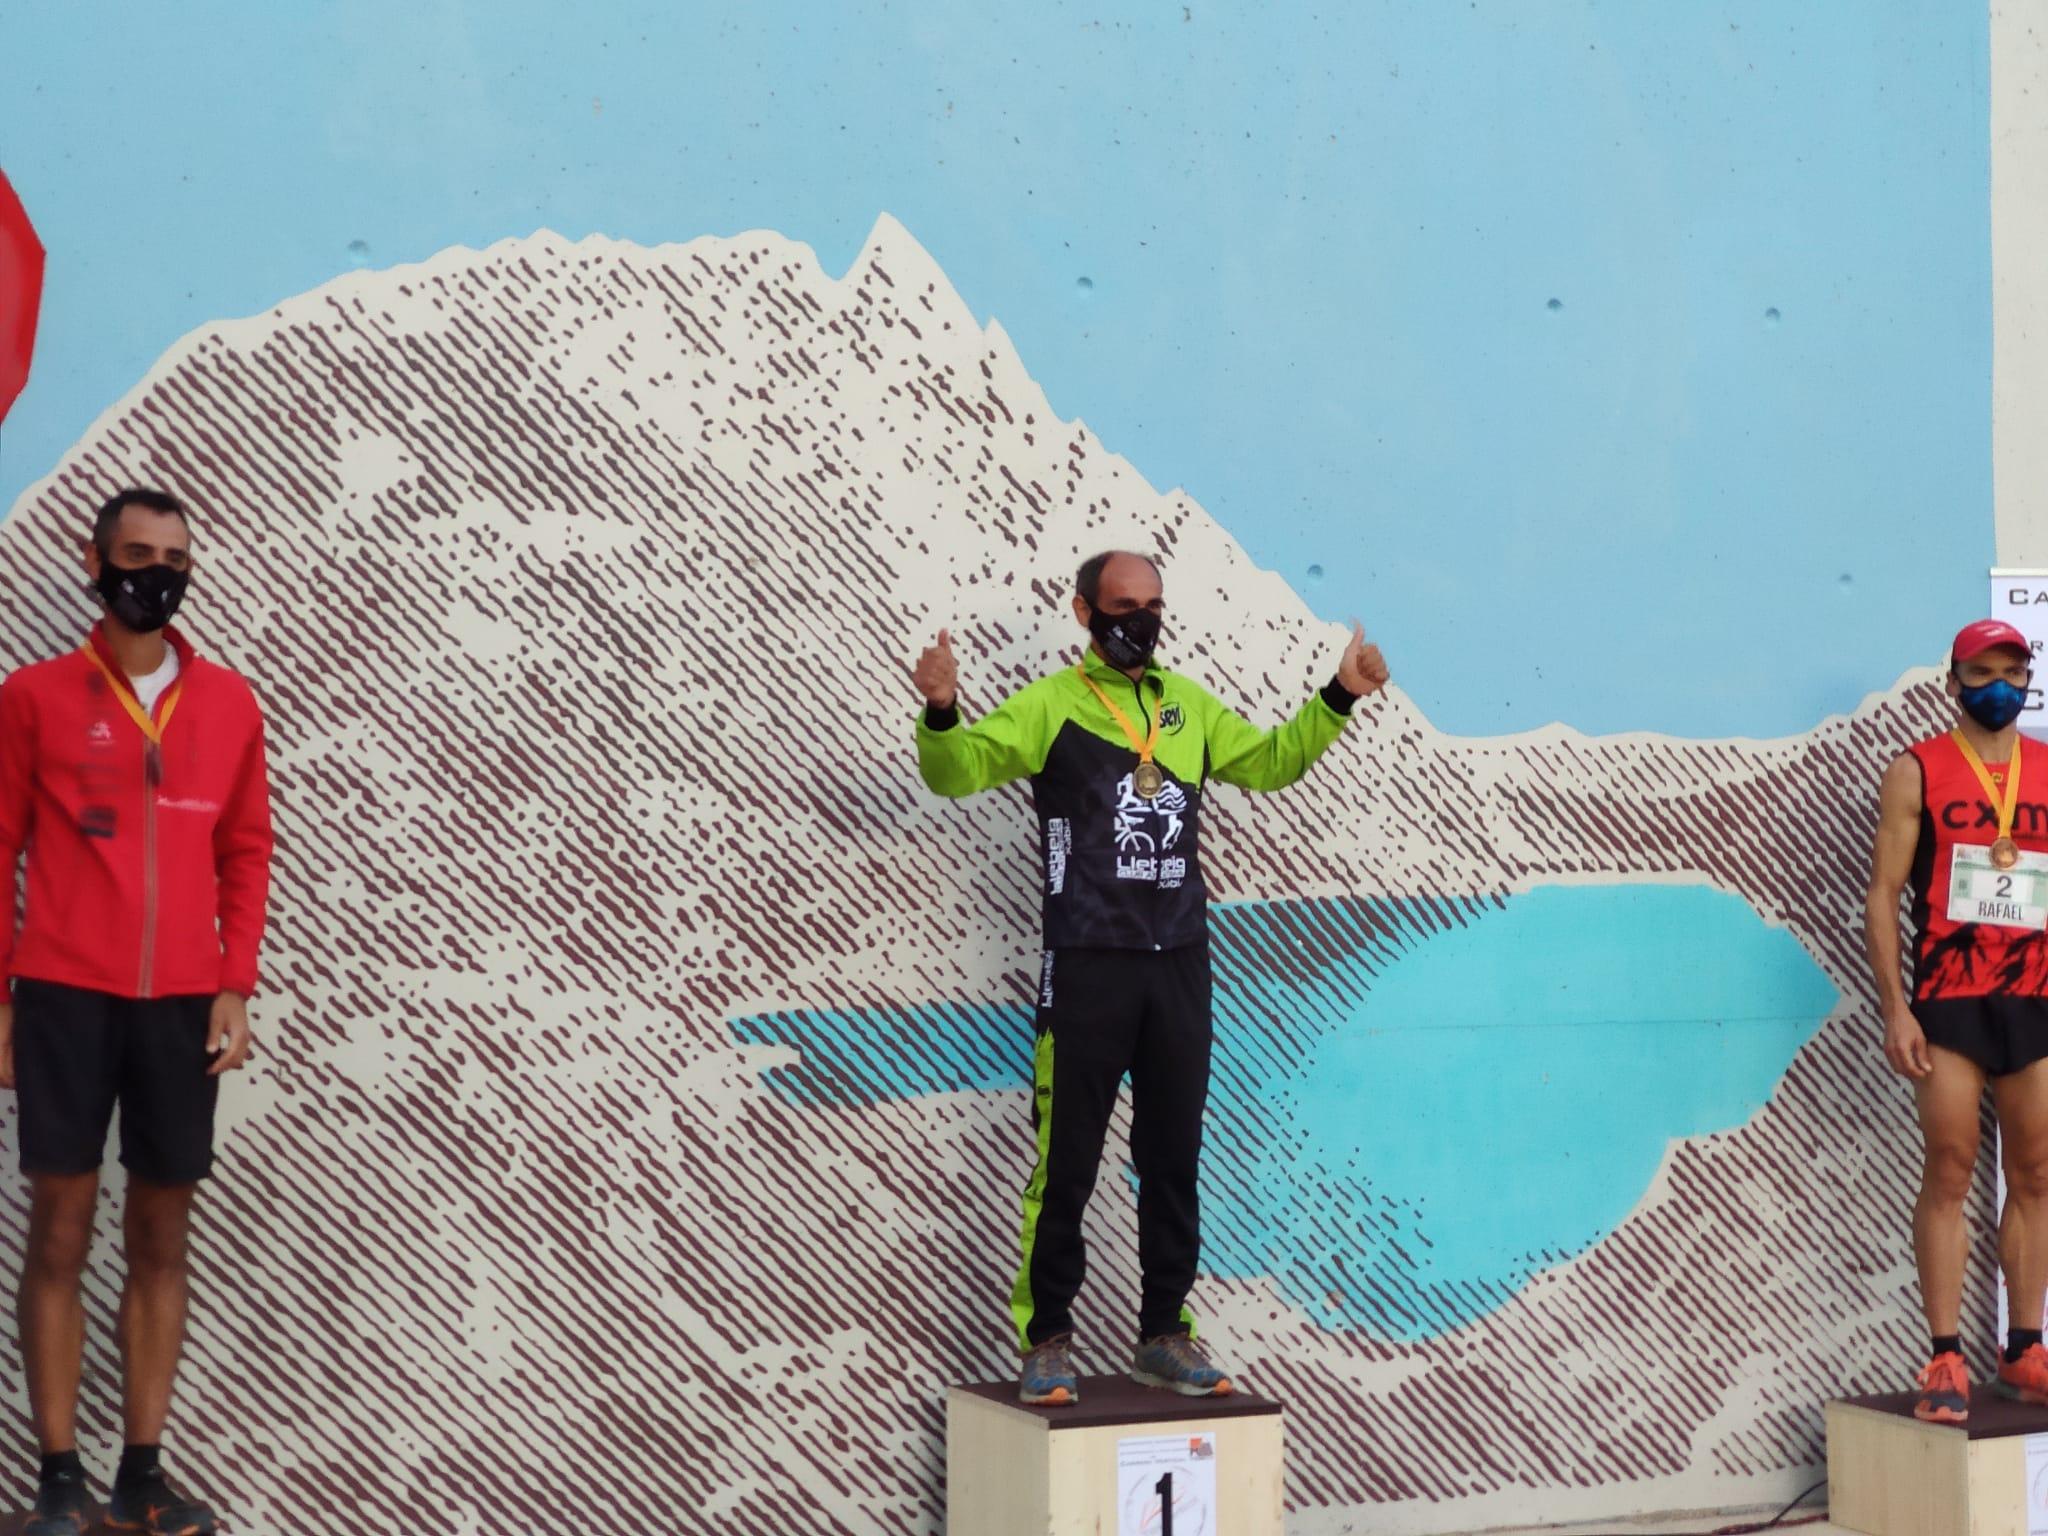 Nasio Cardona en lo alto del podio